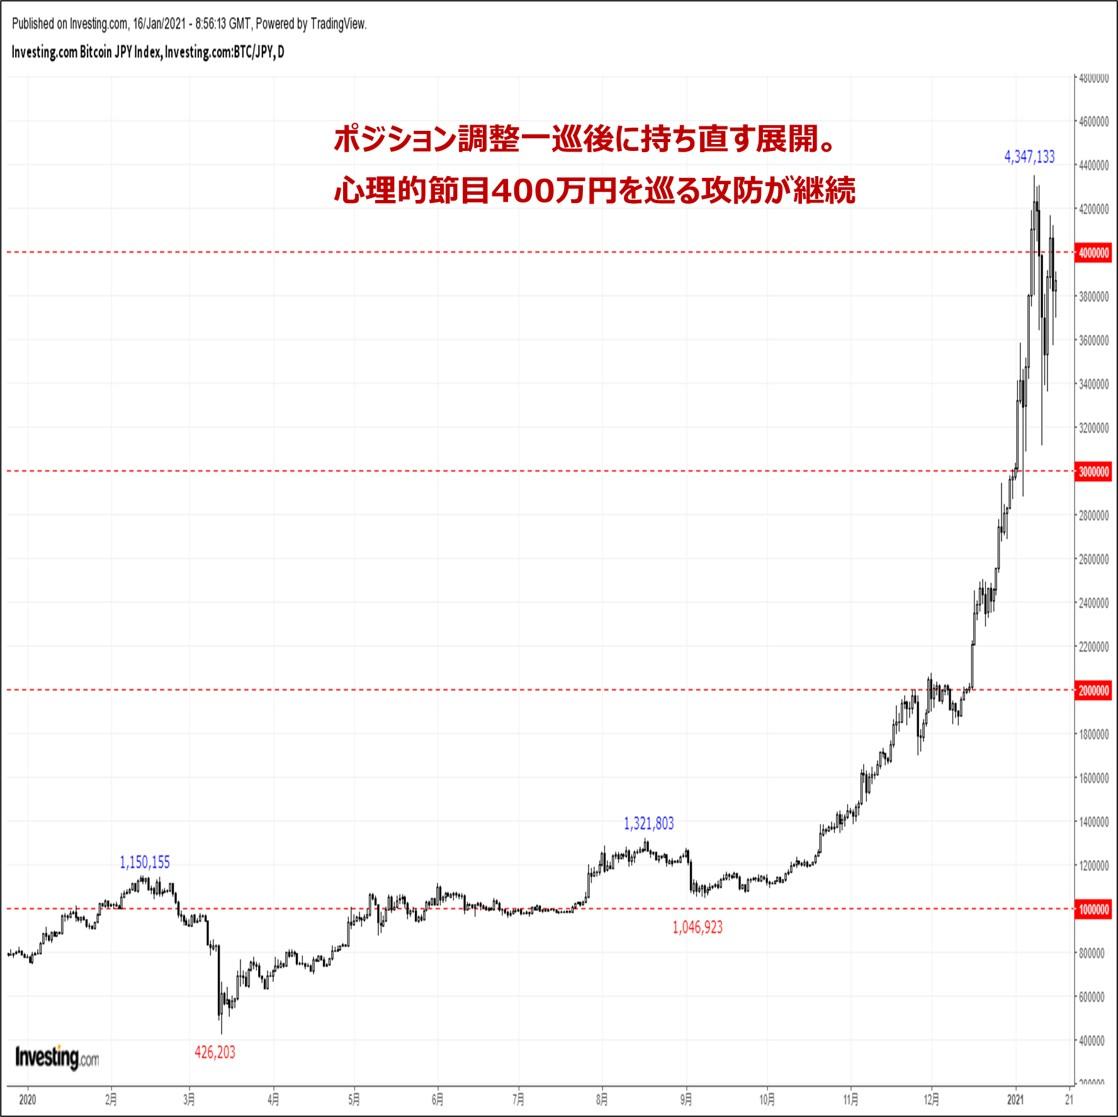 ビットコインの価格分析:『ポジション調整一巡後に急反発。節目400万円を巡る攻防が継続』